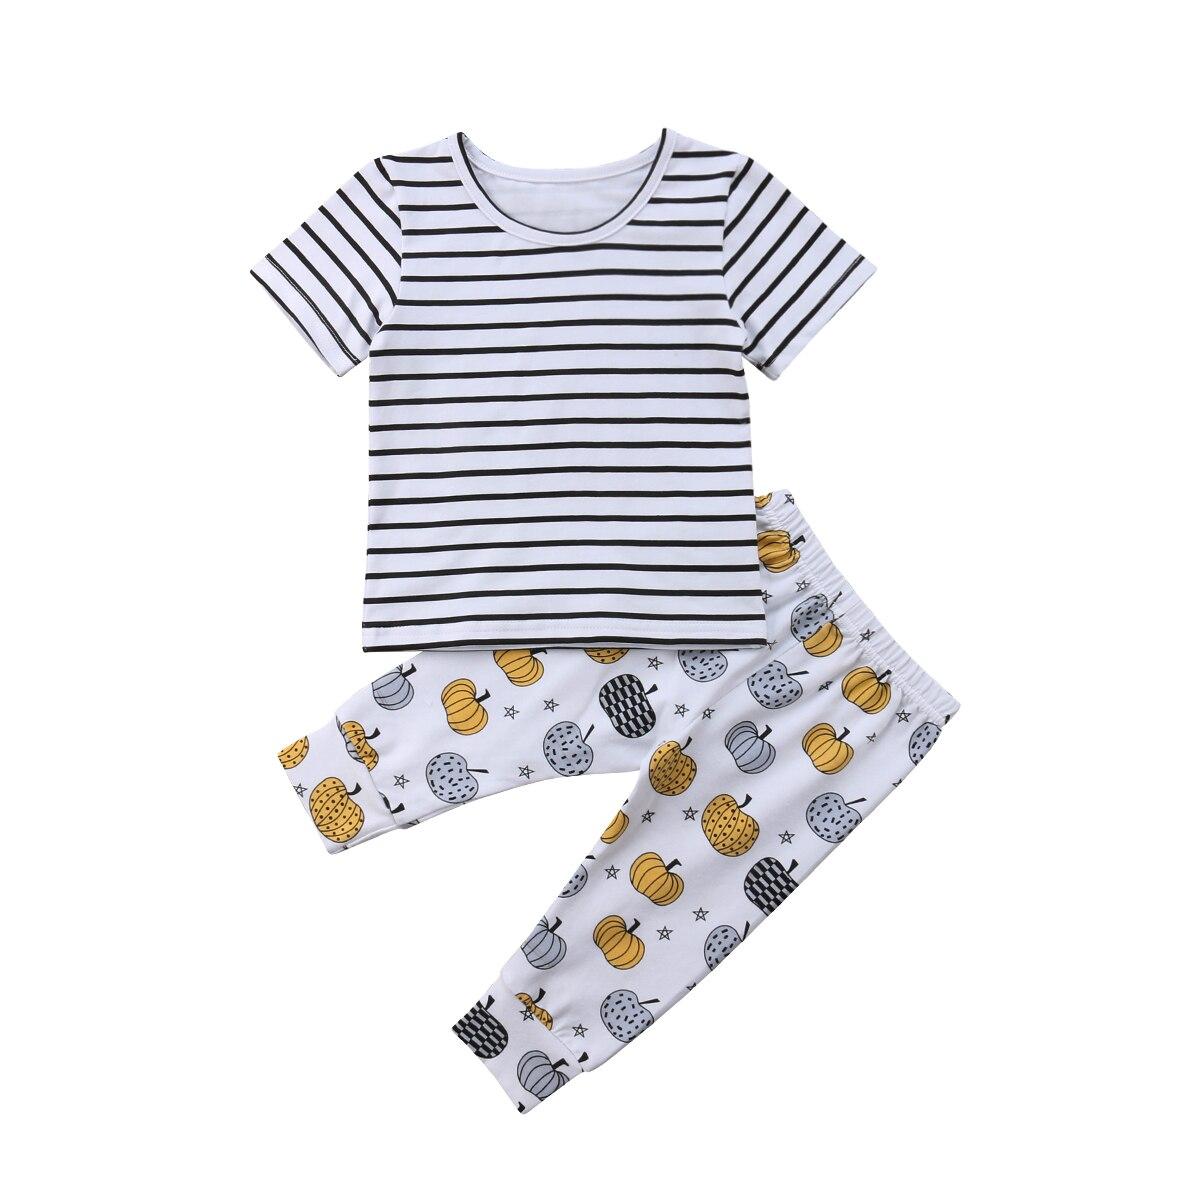 0-24 Mt Neugeborenen Baby Junge Mädchen Kurzarm Gestreiften T-shirt Tops + Kürbis Lange Hose Legging 2 Stücke Outfits Baby Kleidung Set Weich Und Rutschhemmend